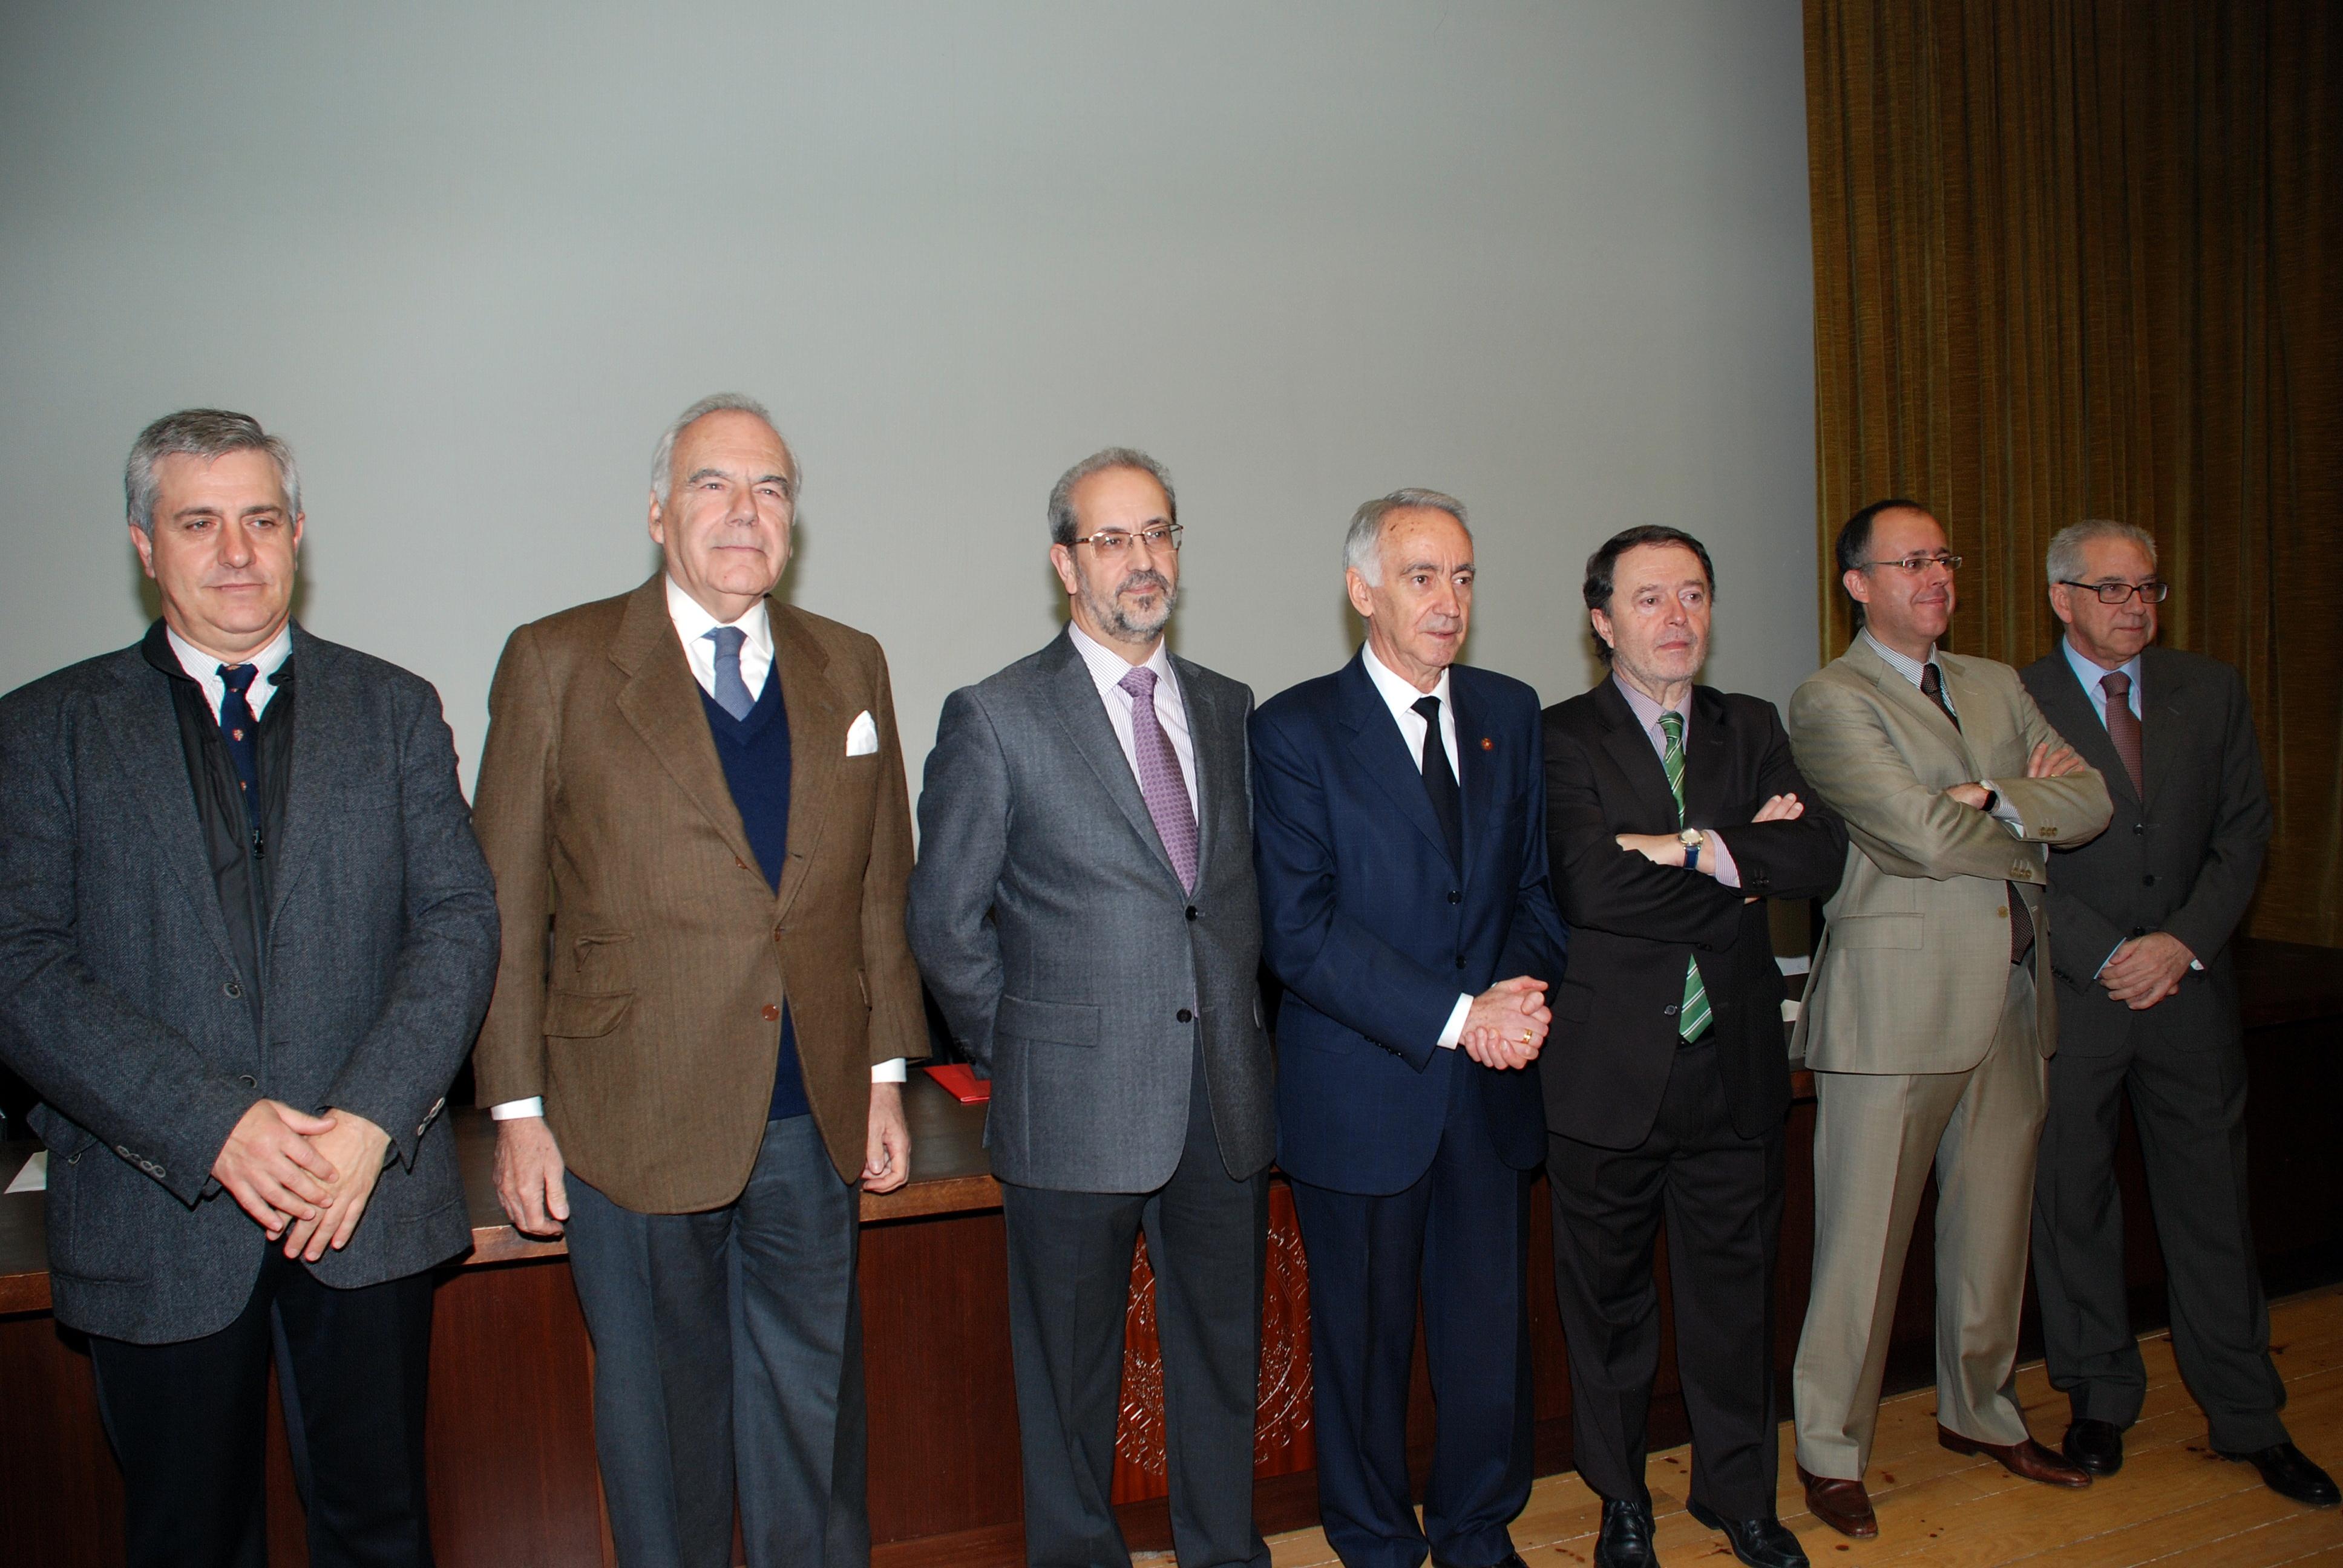 La vanguardia de la investigación científica, a debate en el Encuentro sobre Fronteras de la Ciencia 'Tiempo de Física'